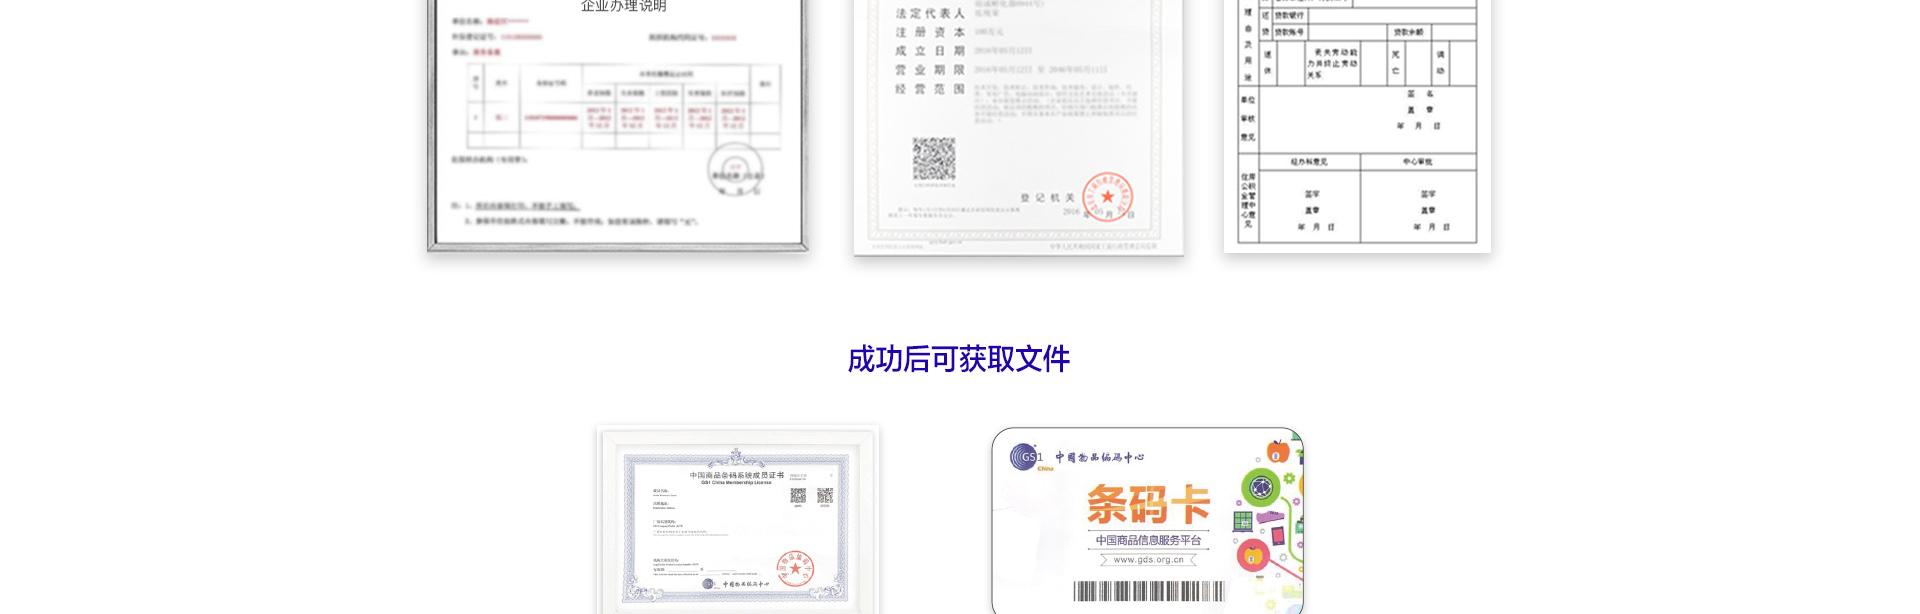 商品条形码-PC_08.jpg